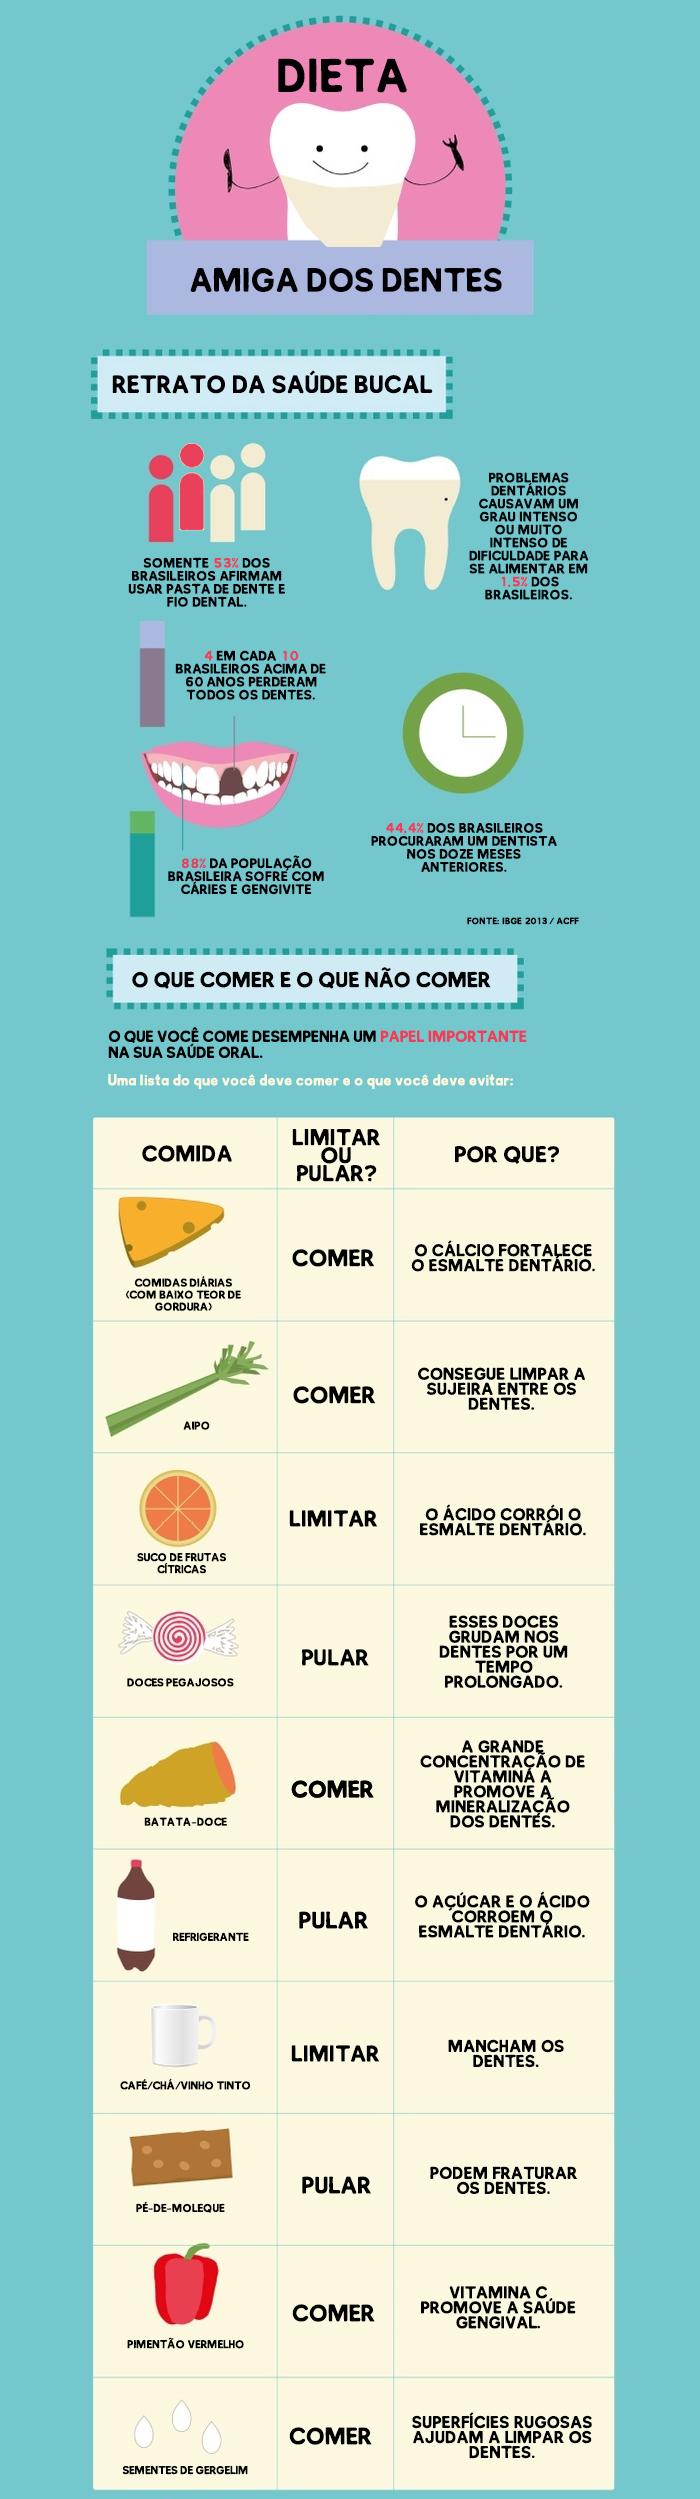 Infográfico com os dados de saúde bucal do brasil e alimentos que promovem a higiene dos dentes